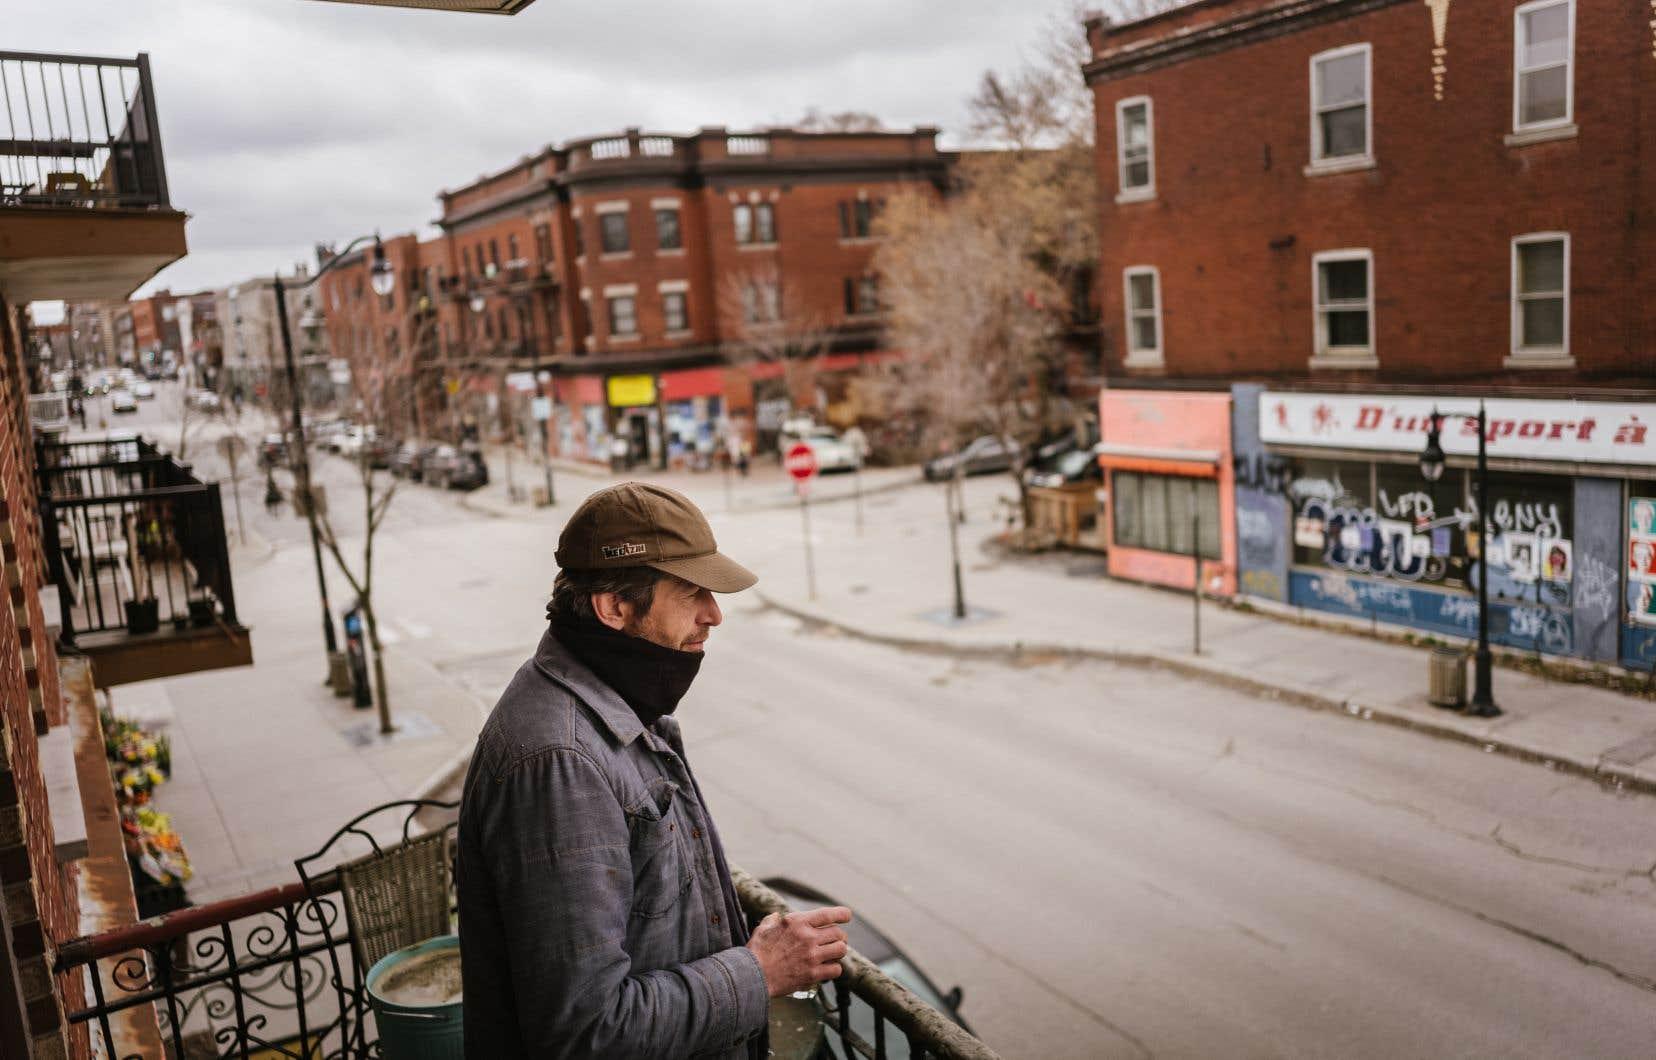 «Les gens quittent et les commerces aussi», se désole Dominique Dupuis, qui réside depuis 15ans dans le Mile End. Quand ses enfants auront atteint l'âge adulte, l'artisan envisage de «quitter Montréal», confie-t-il.